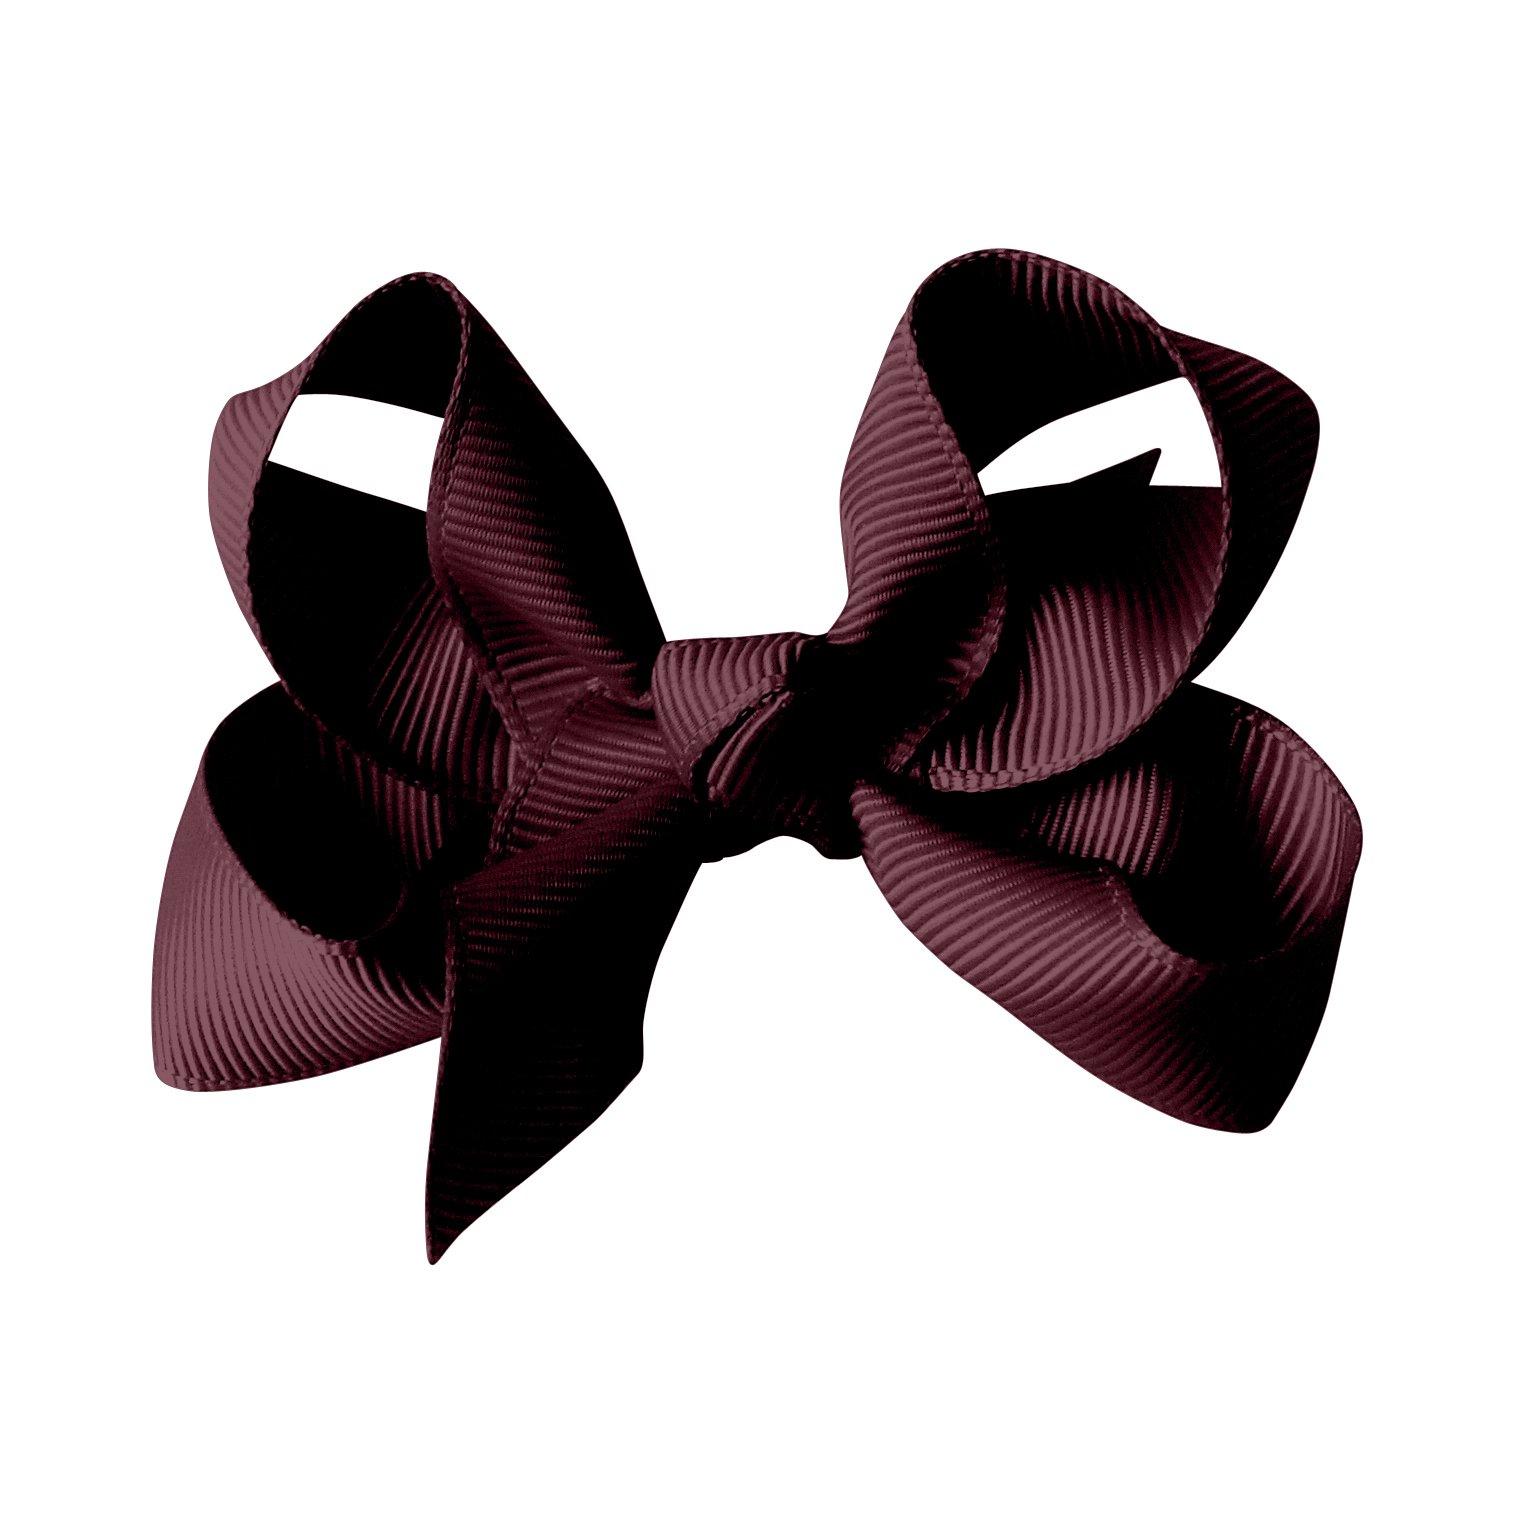 Medium boutique bow - alligator clip - burgundy